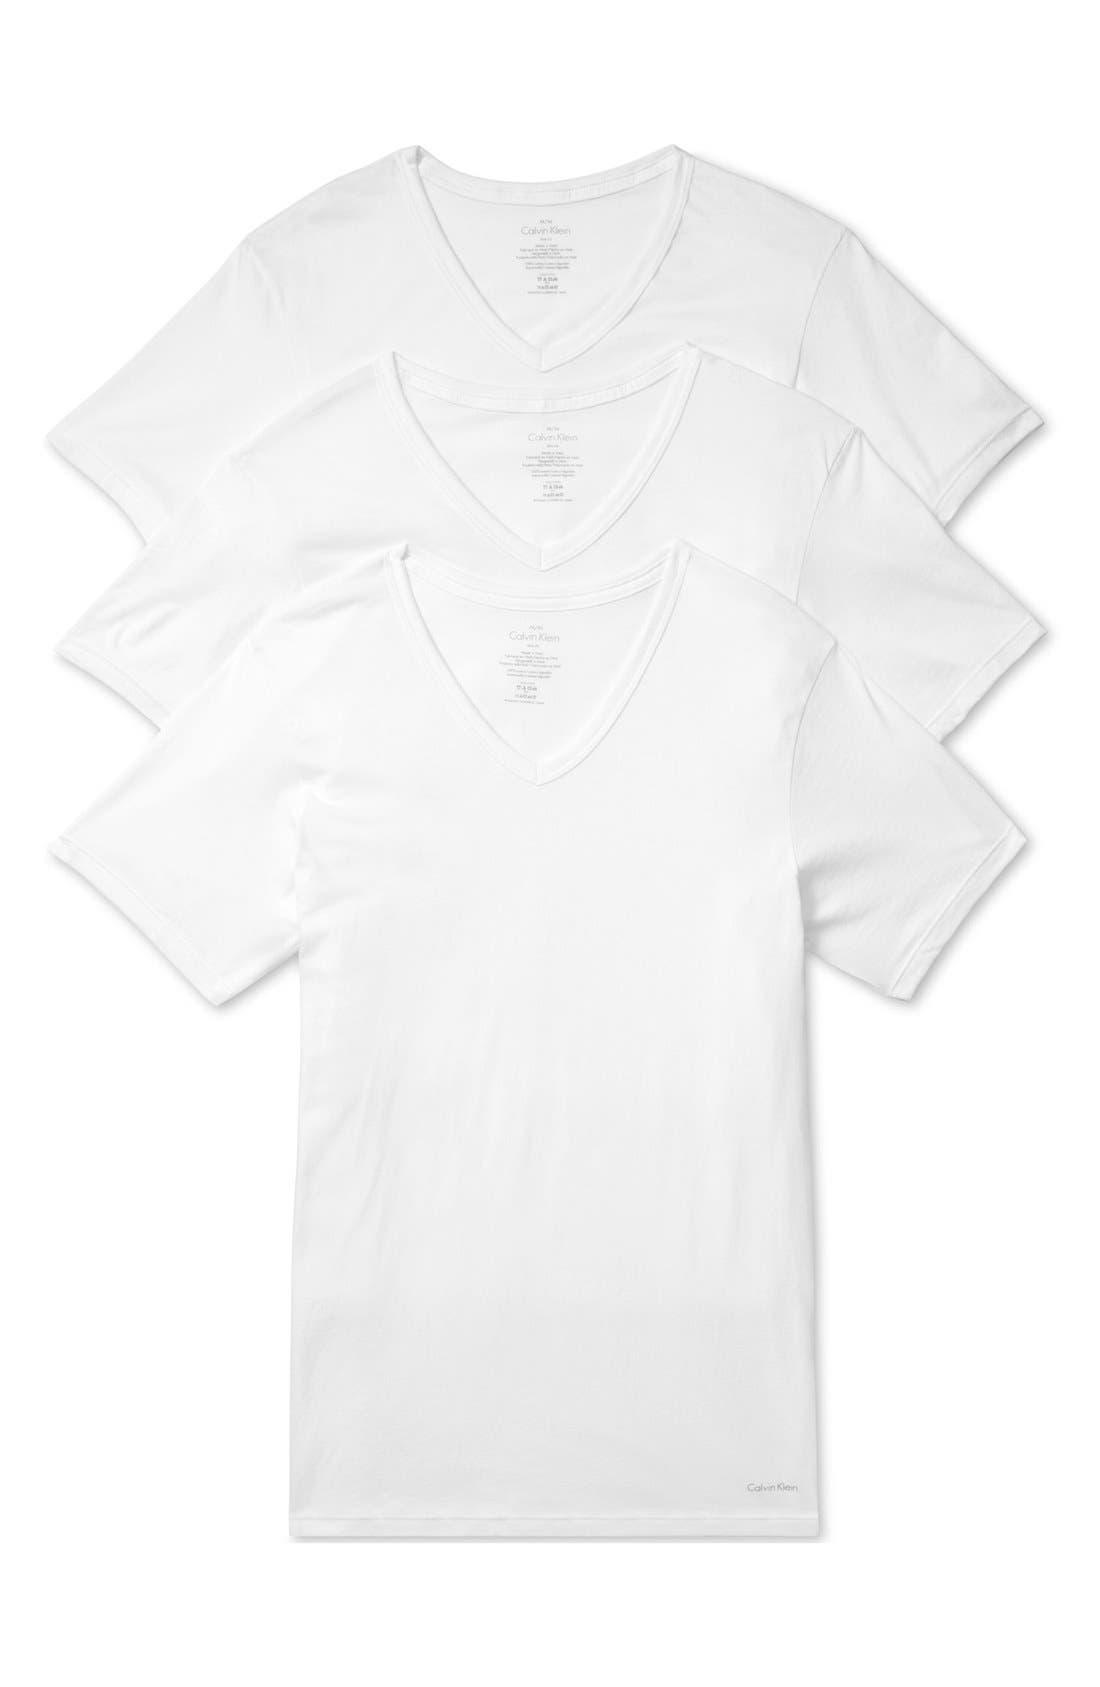 Slim Fit 3-Pack Cotton T-Shirt,                             Main thumbnail 1, color,                             100